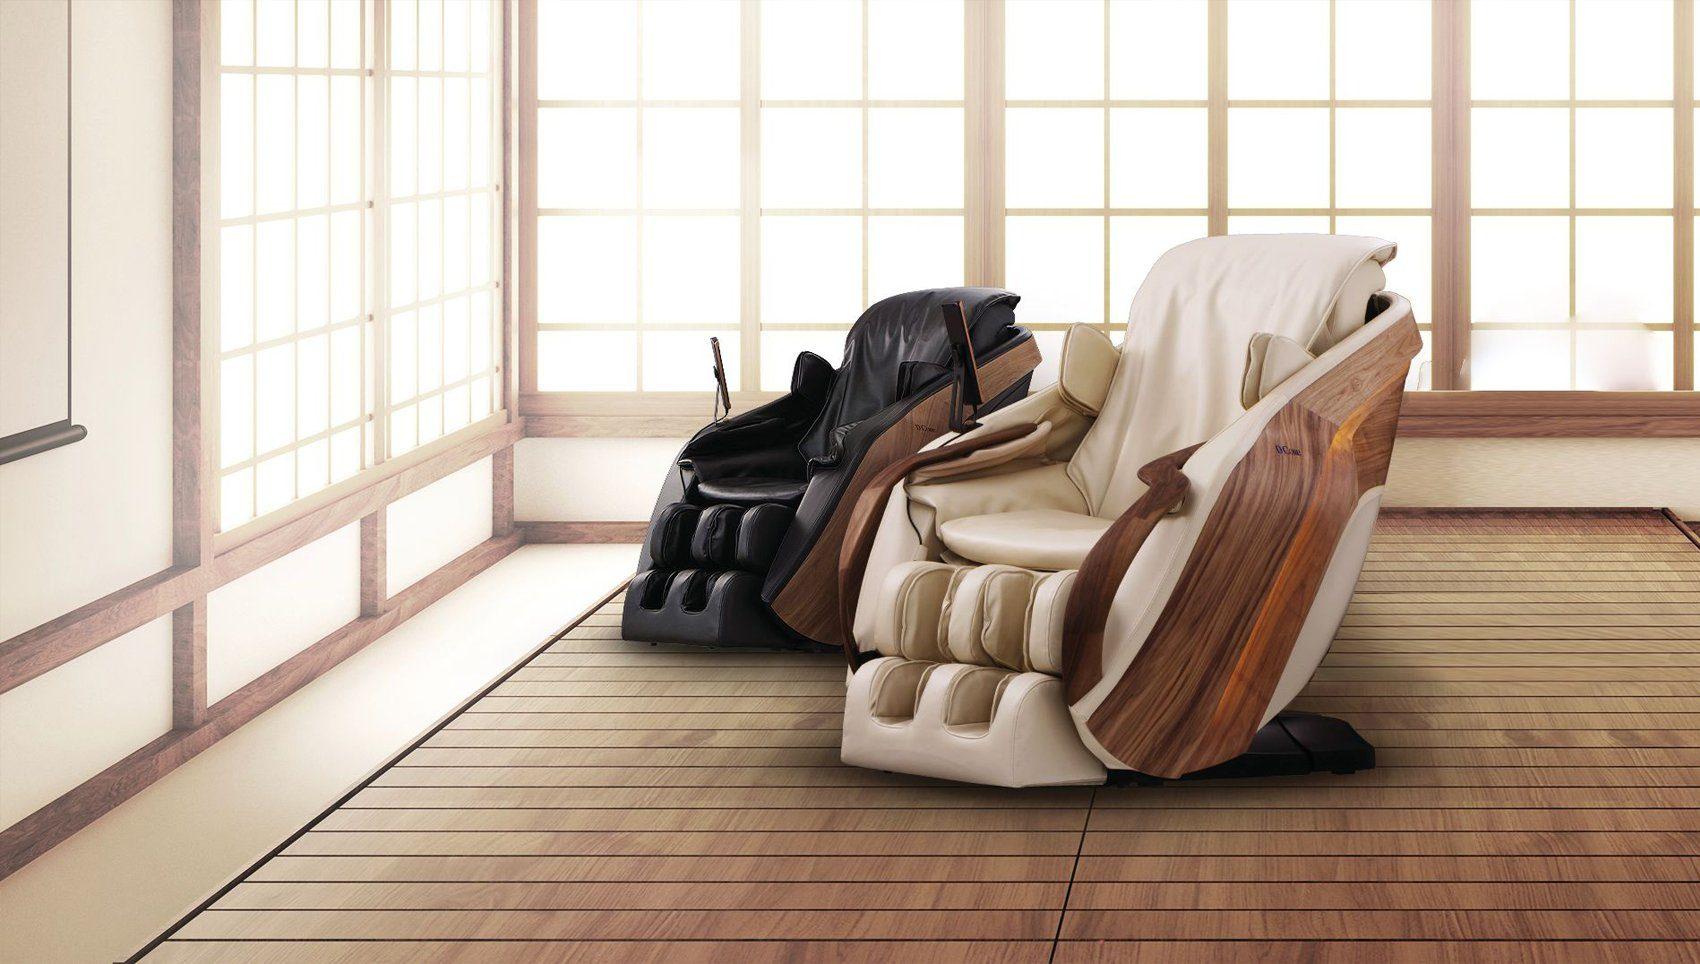 DCore Cloud Massage Chair Colors